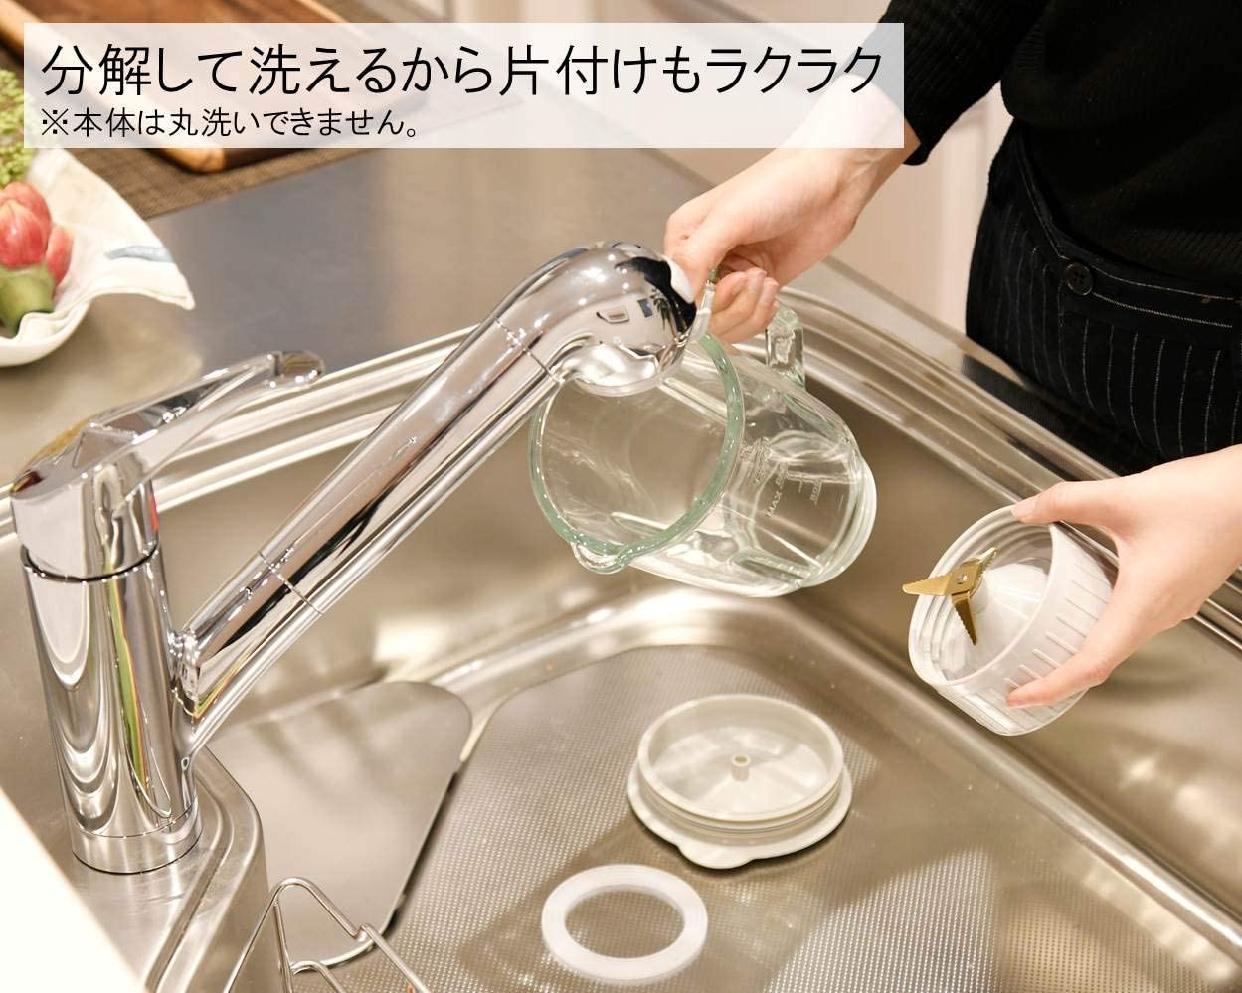 山善(やまぜん)ジュースミキサー 3.57の商品画像4